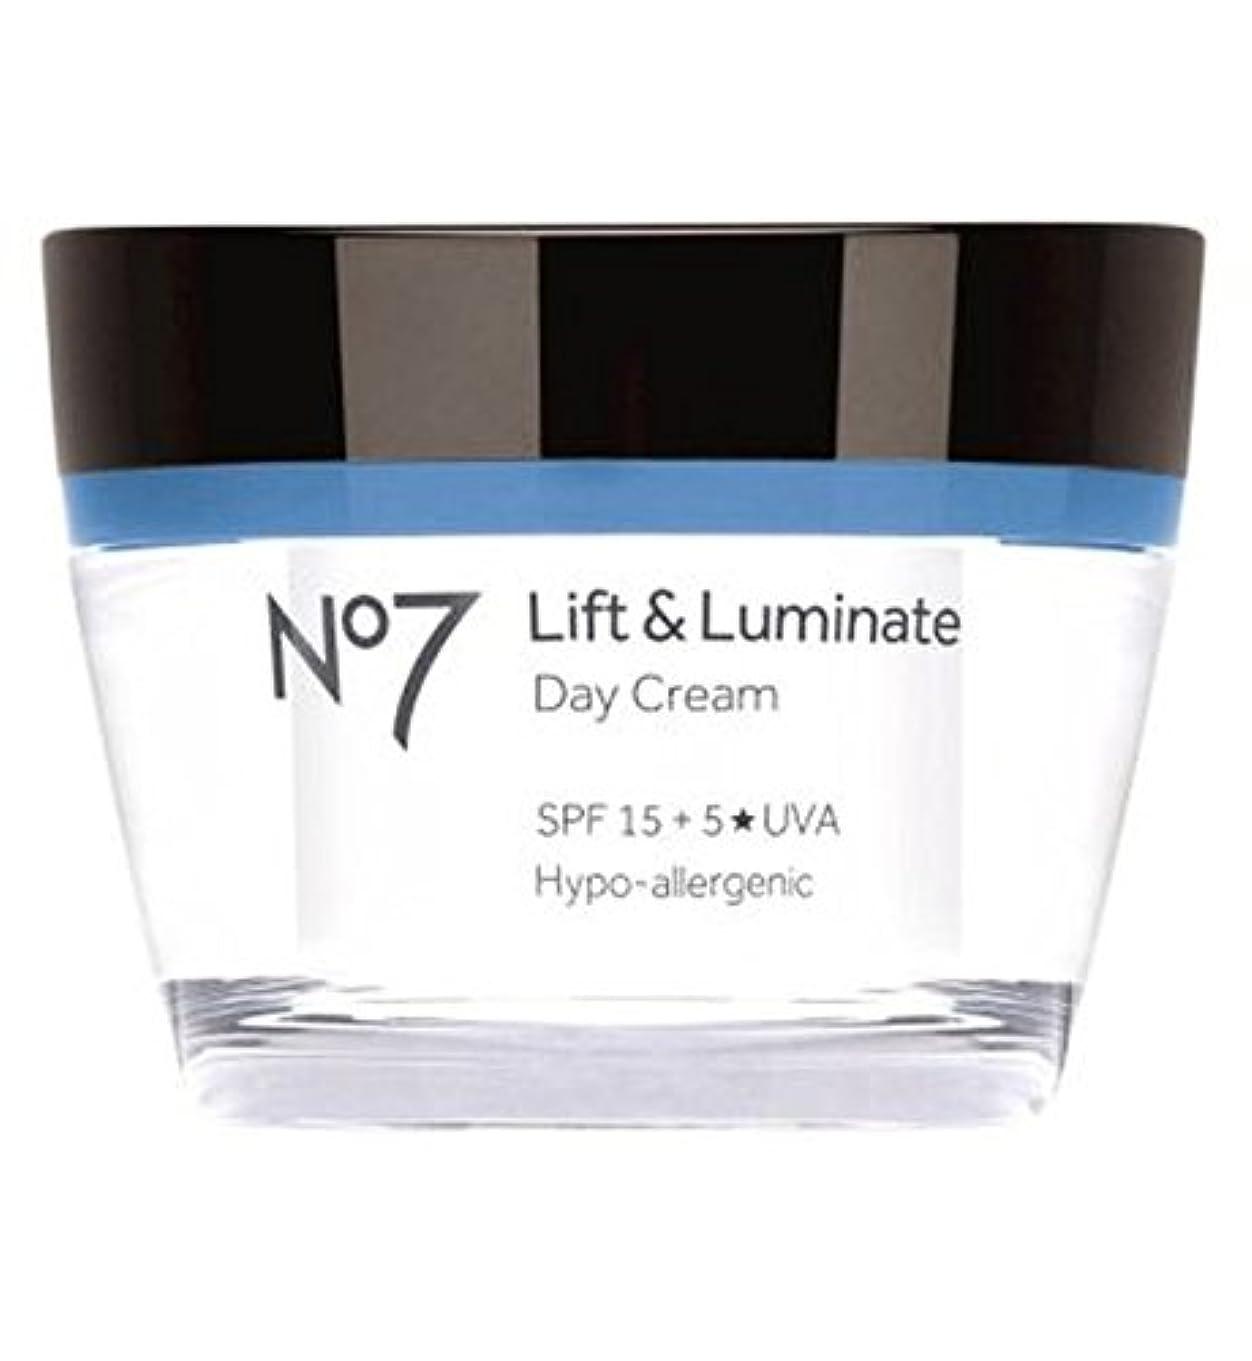 飢え飢えアウトドアNo7リフト&LuminateデイクリームSpf 15 (No7) (x2) - No7 Lift & Luminate Day Cream SPF 15 (Pack of 2) [並行輸入品]